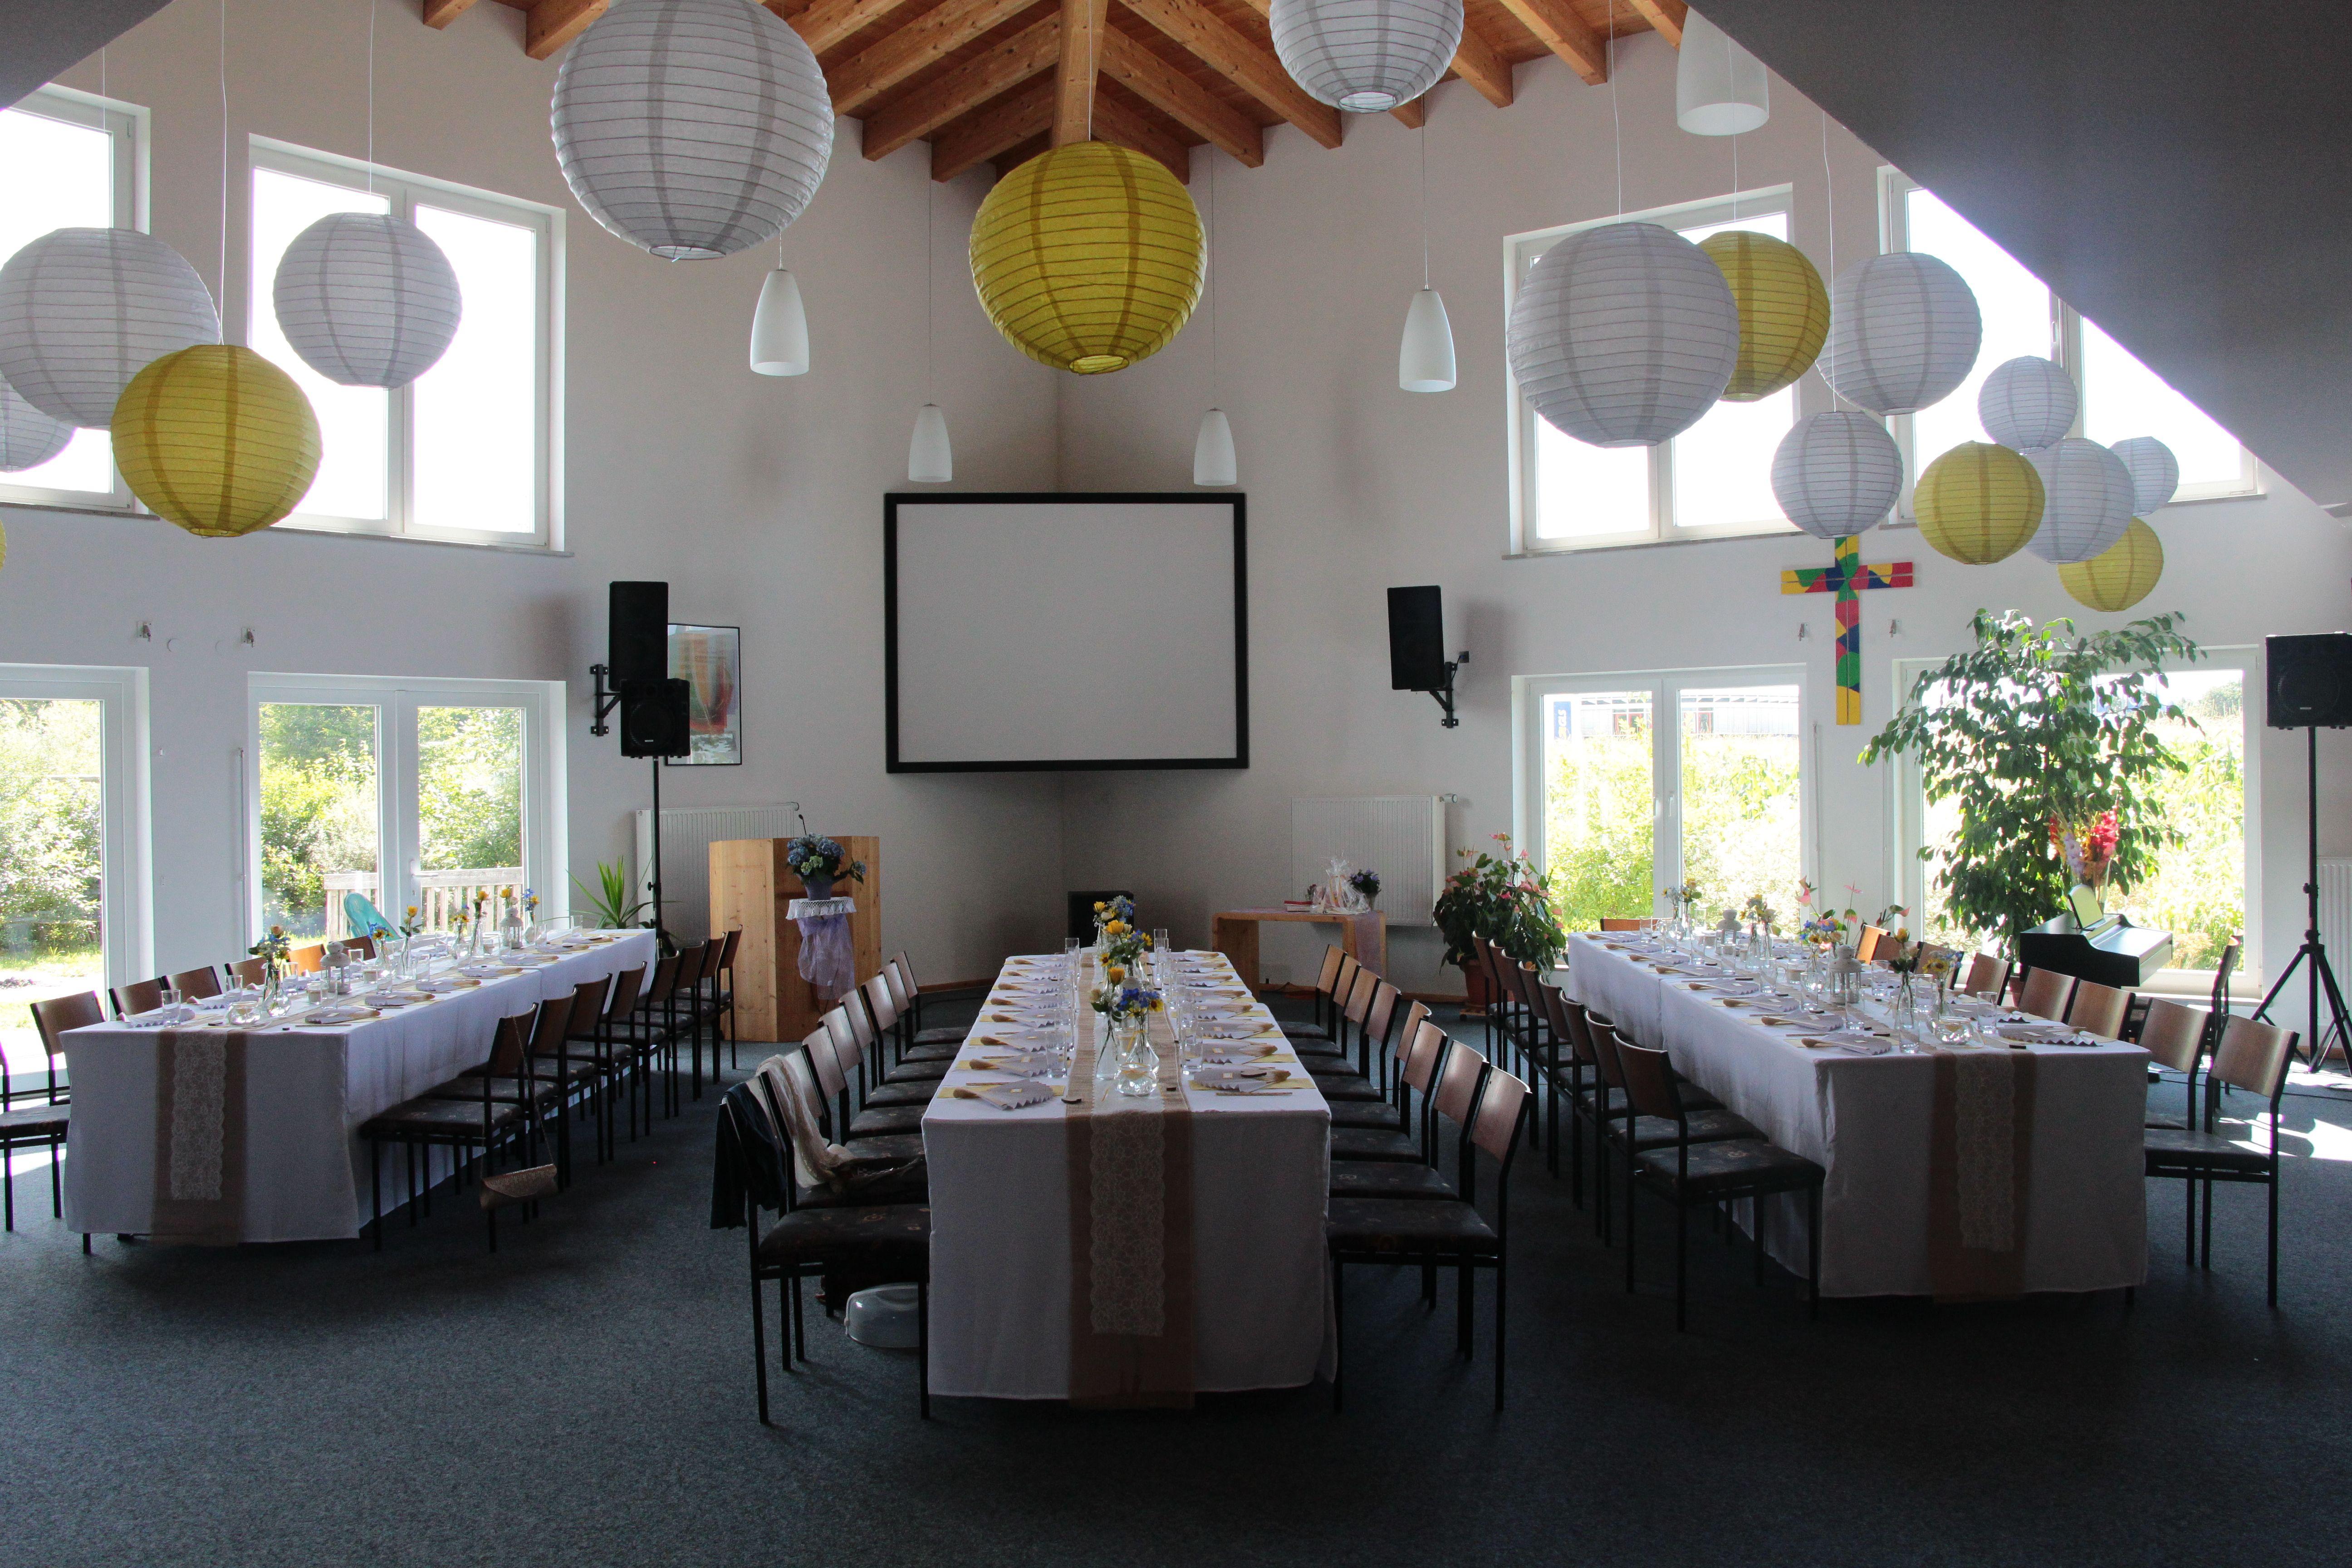 Lampions kinderzimmer ~ Wedding #yellow #white #summer #flowers #blue #lampions #hochzeit